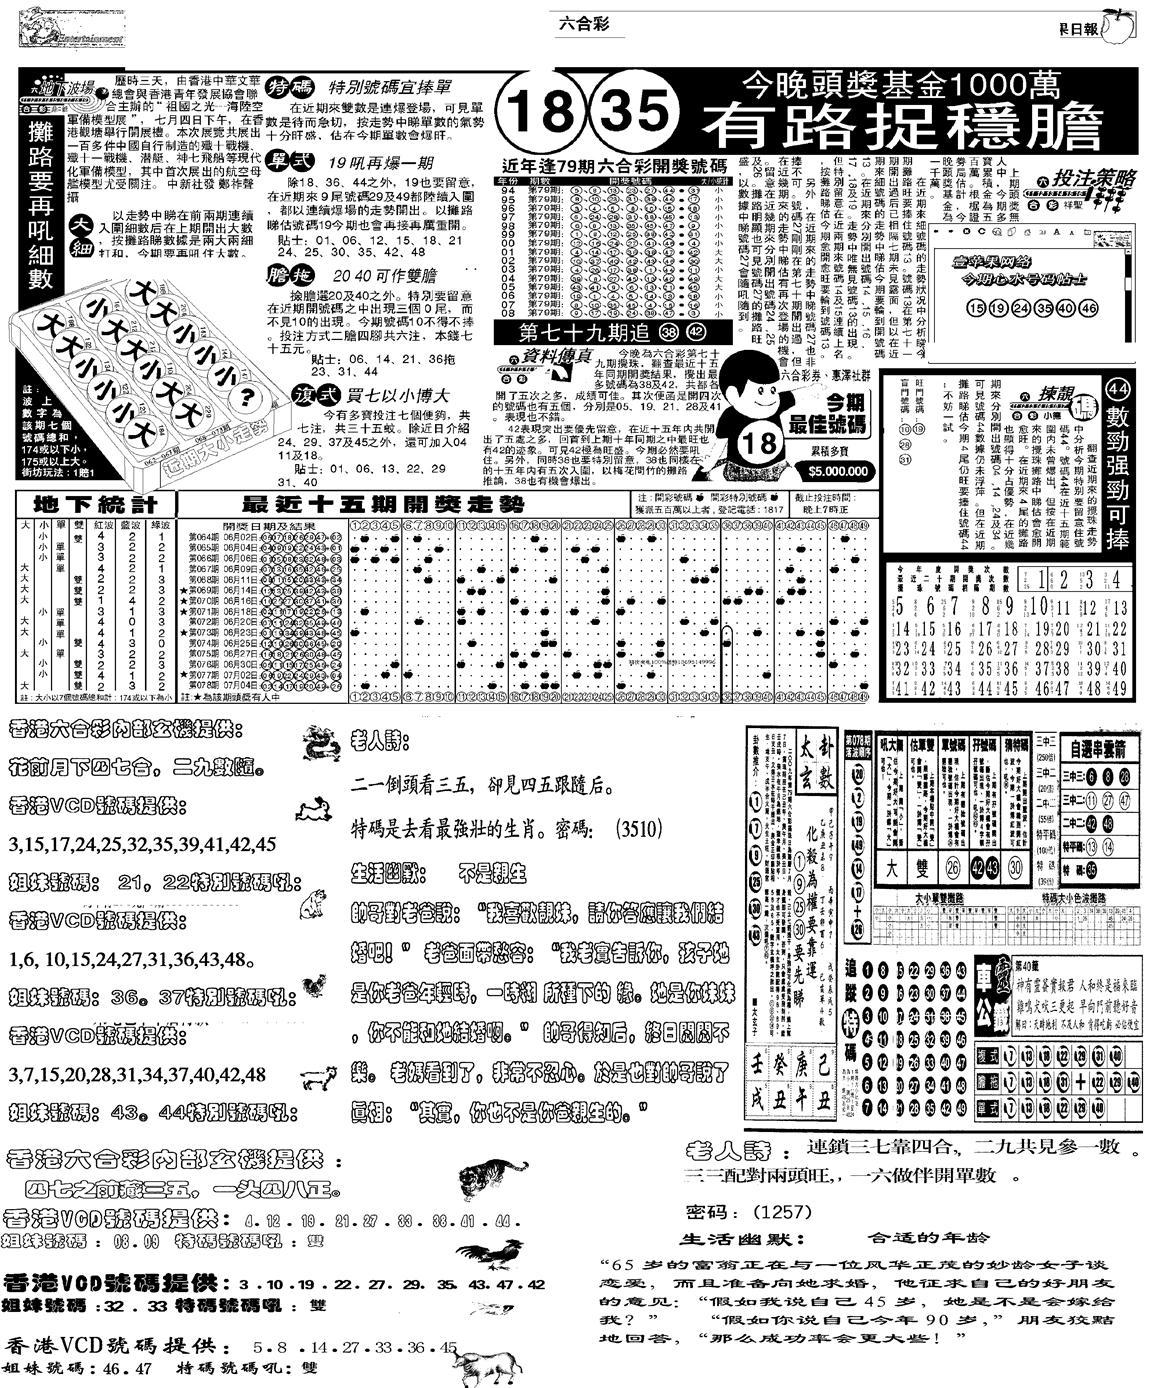 079期当日报-5(黑白)